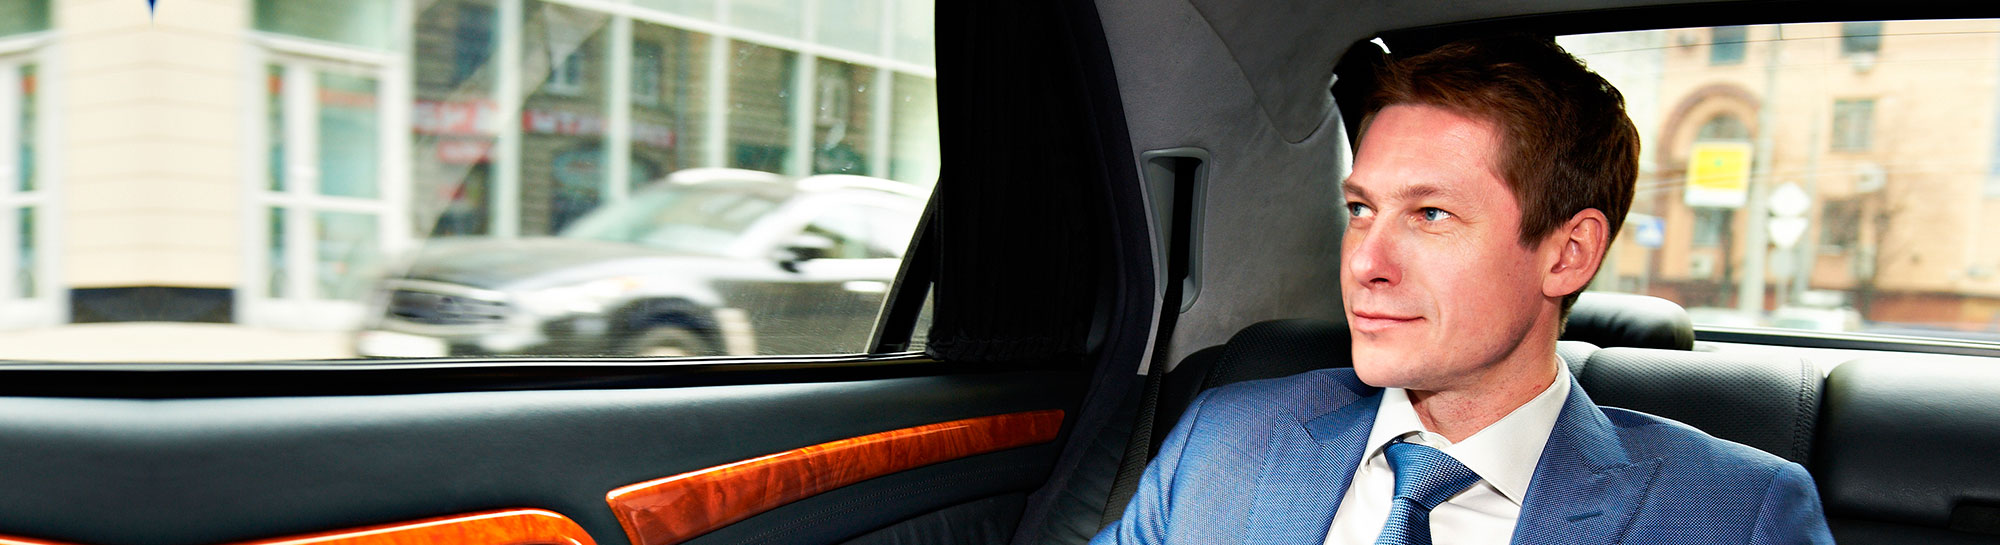 taxirechner kostenlos taxipreis in jeder stadt berechnen. Black Bedroom Furniture Sets. Home Design Ideas